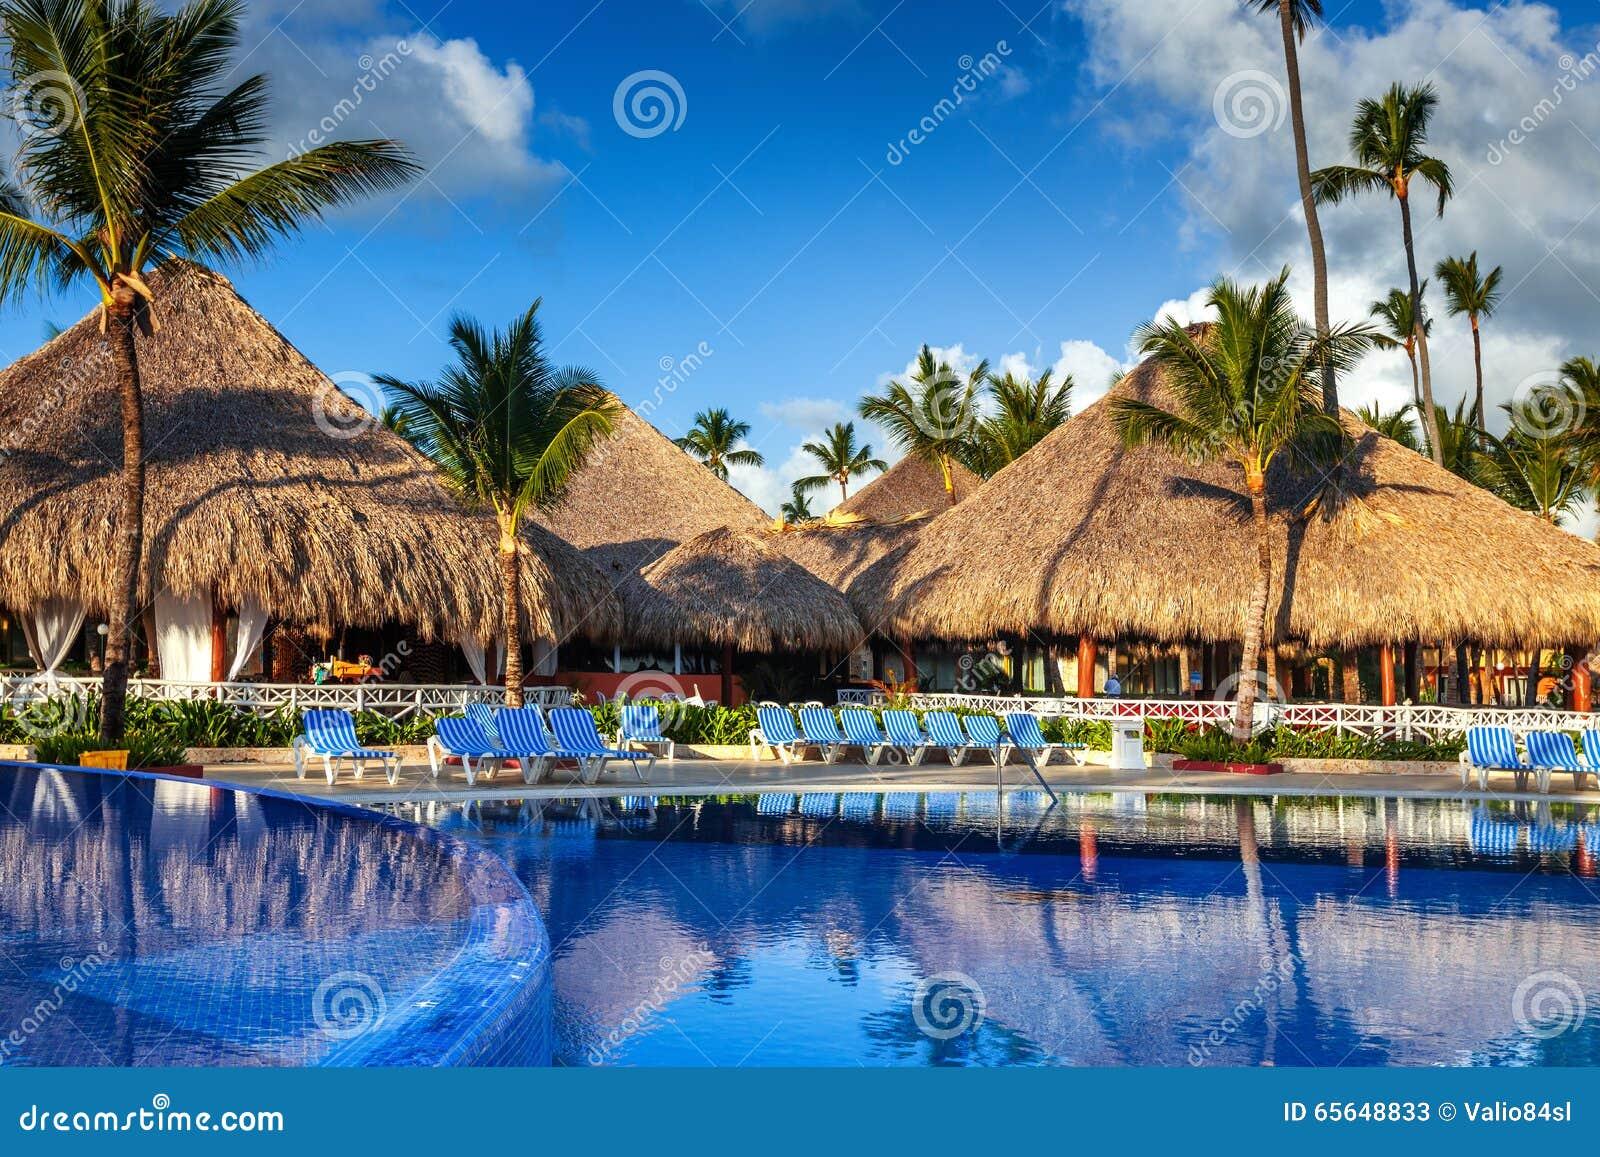 Piscine tropicale dans le lieu de villégiature luxueux, Punta Cana